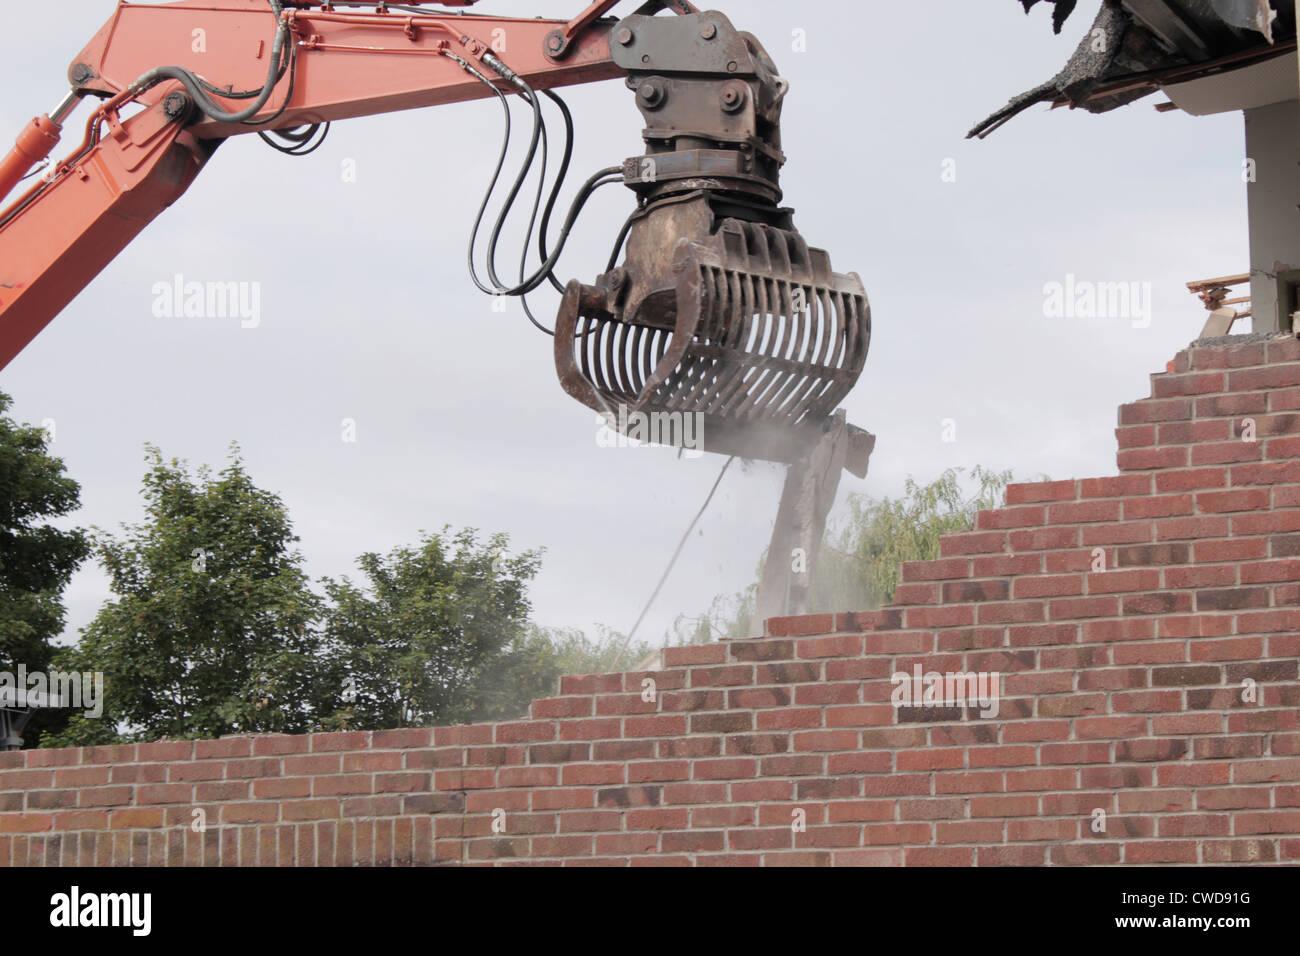 Agarre mecánico demolición edificio antiguo Imagen De Stock